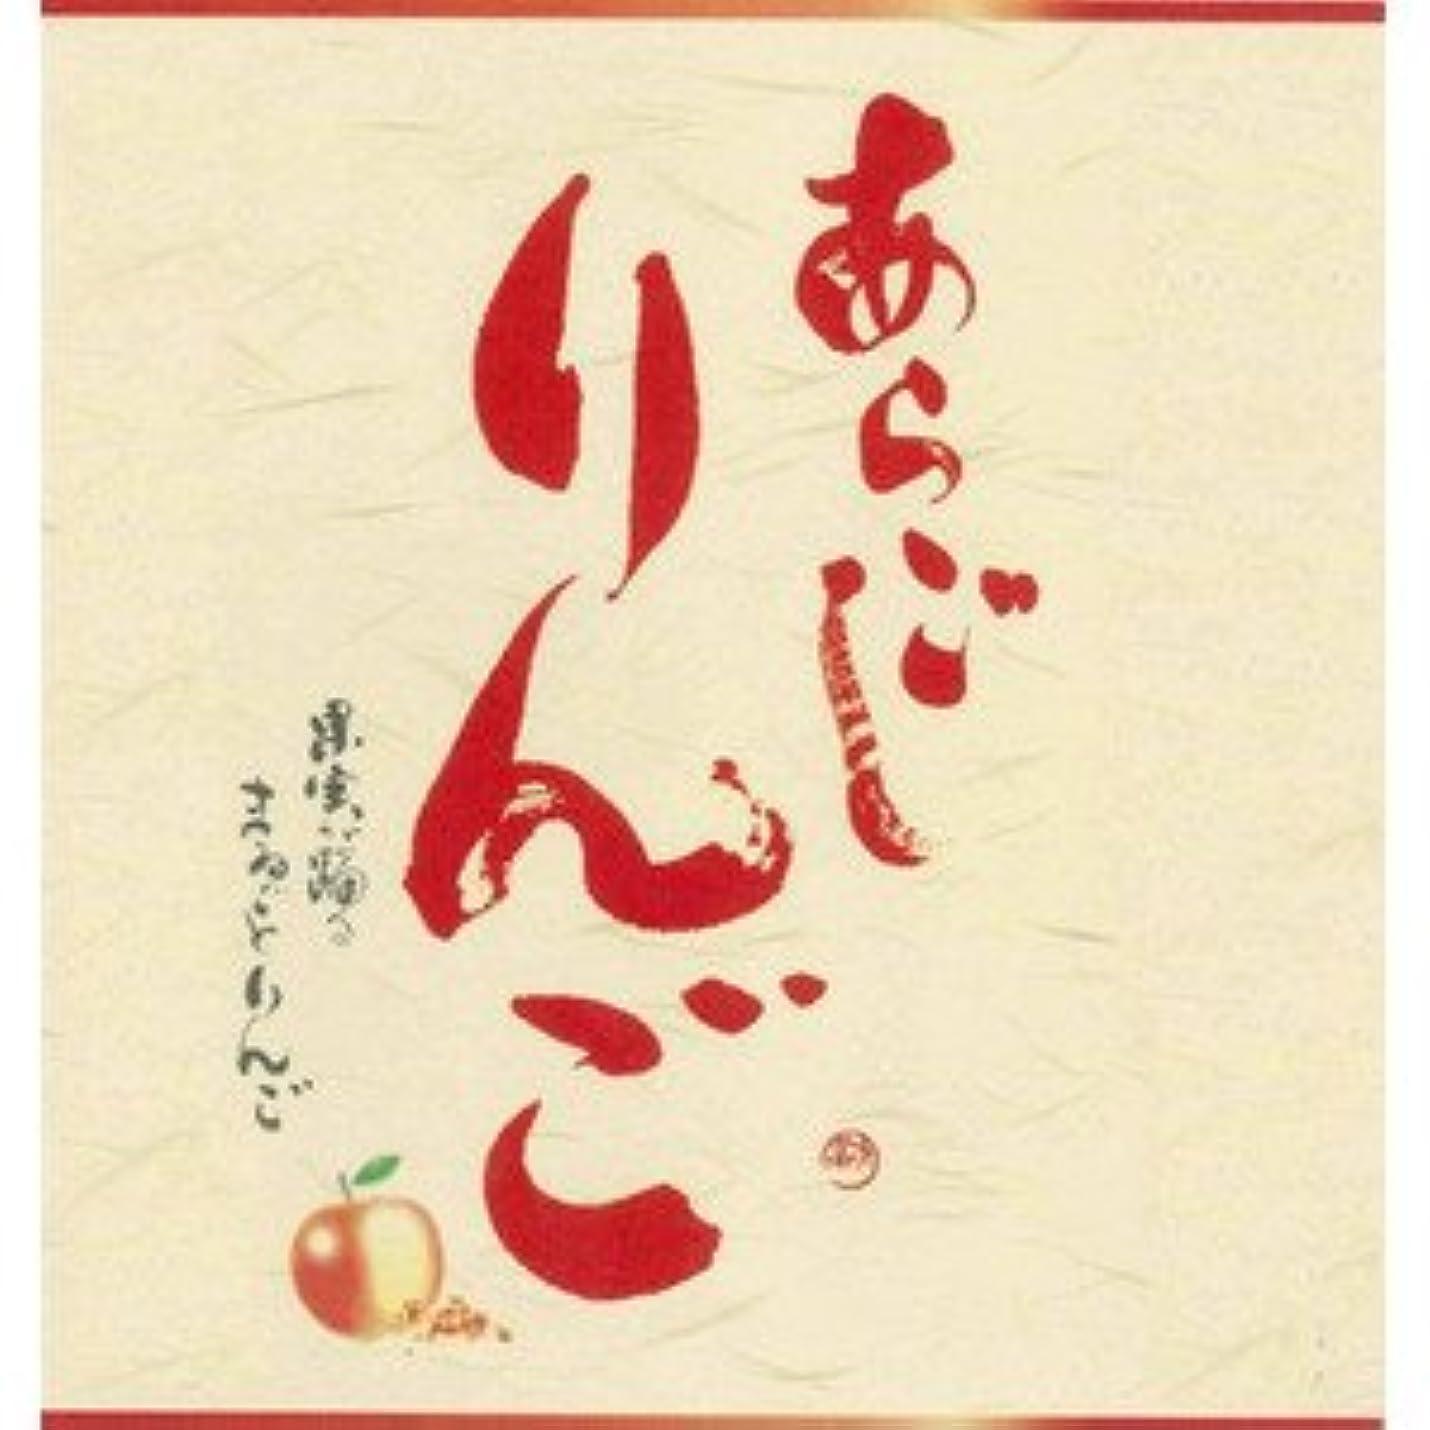 繁栄する喉が渇いたスナッチ【11/9発売予定】梅乃宿 あらごしりんご 720ml